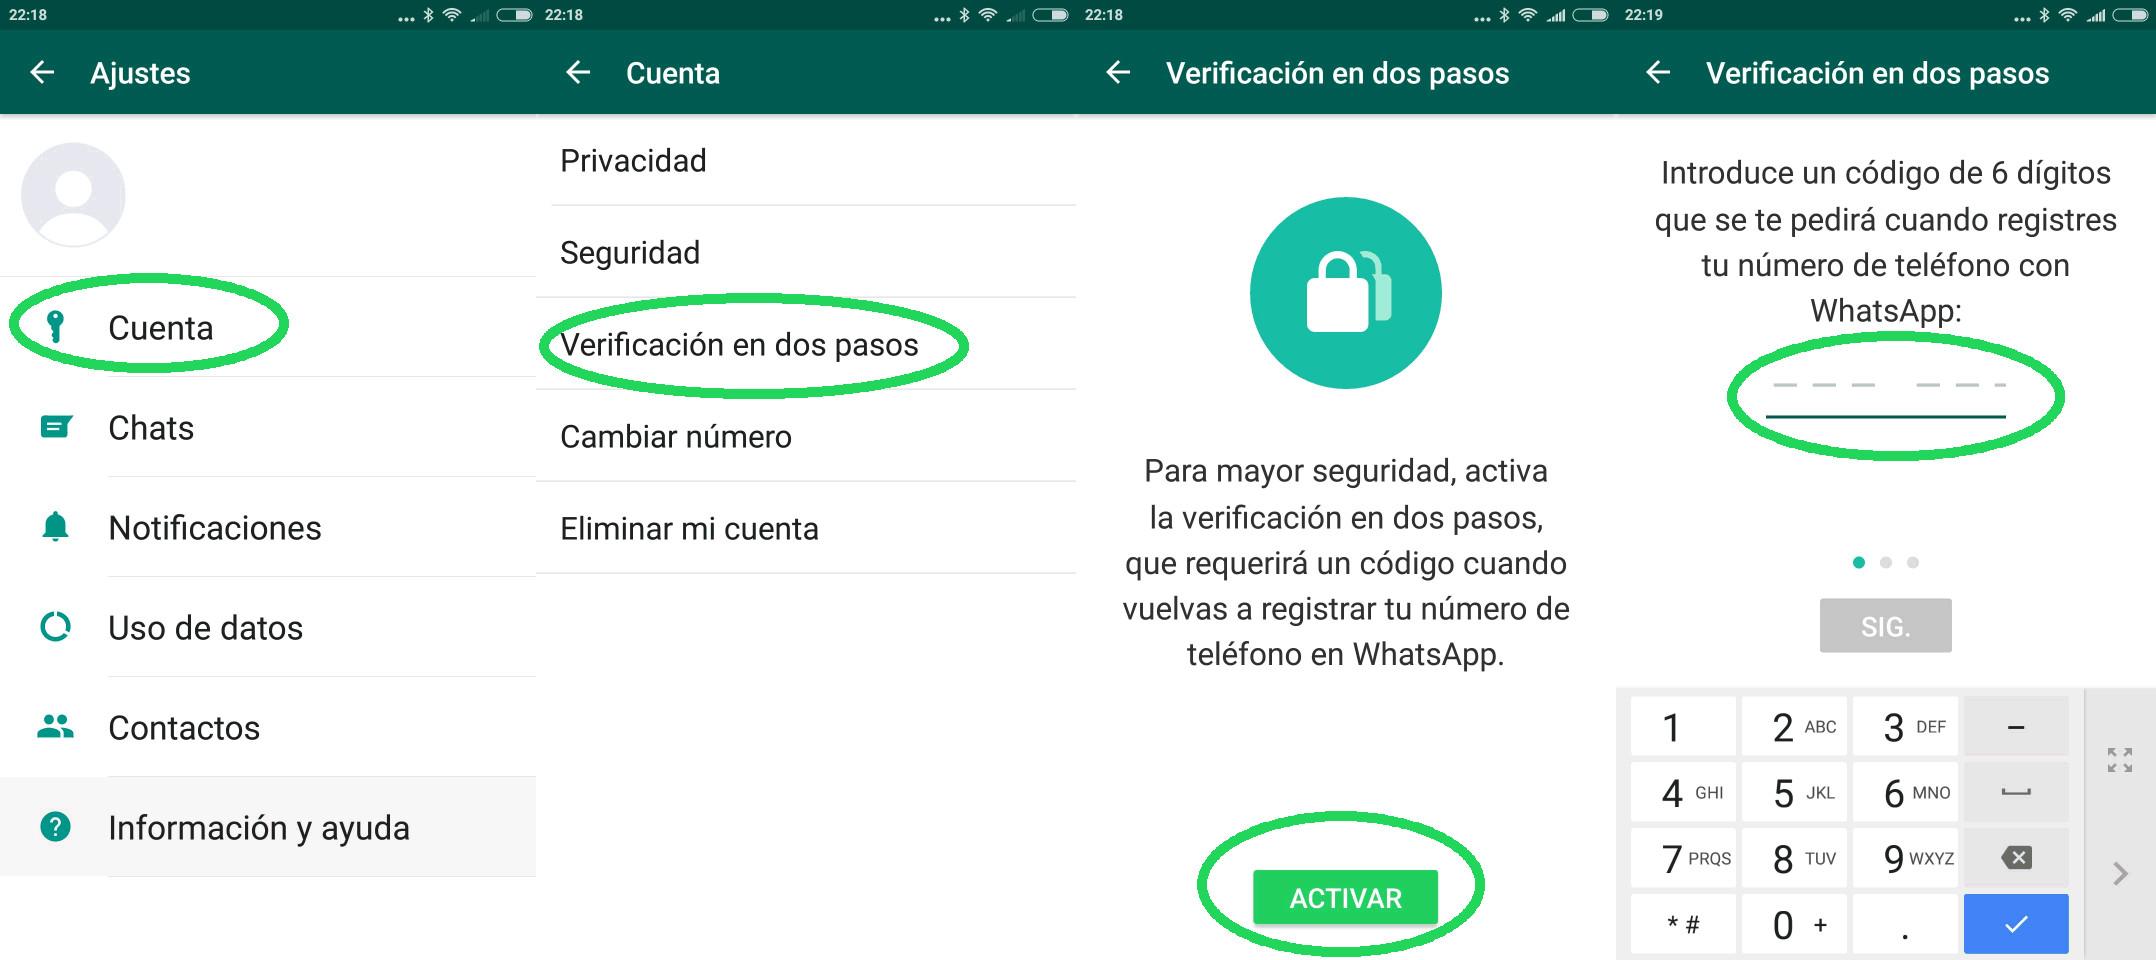 Cómo activar una cuenta de WhatsApp sin número de teléfono ni SIM